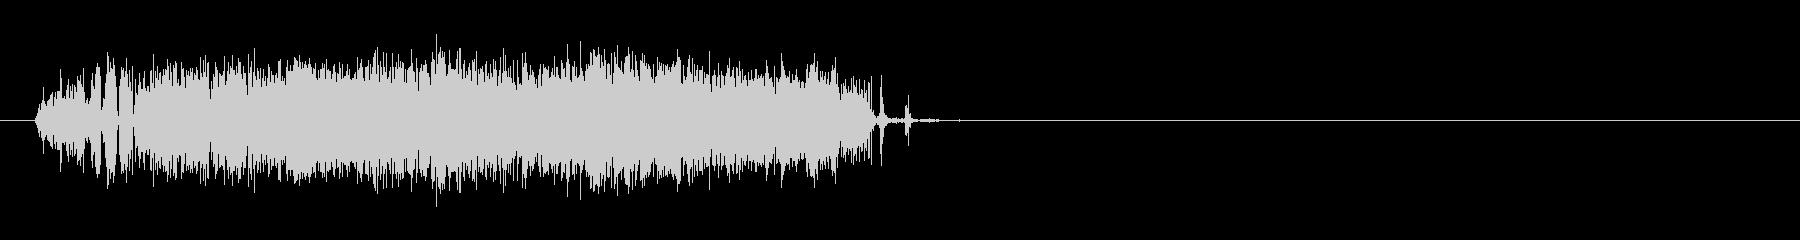 電気_バチバチ_04の未再生の波形